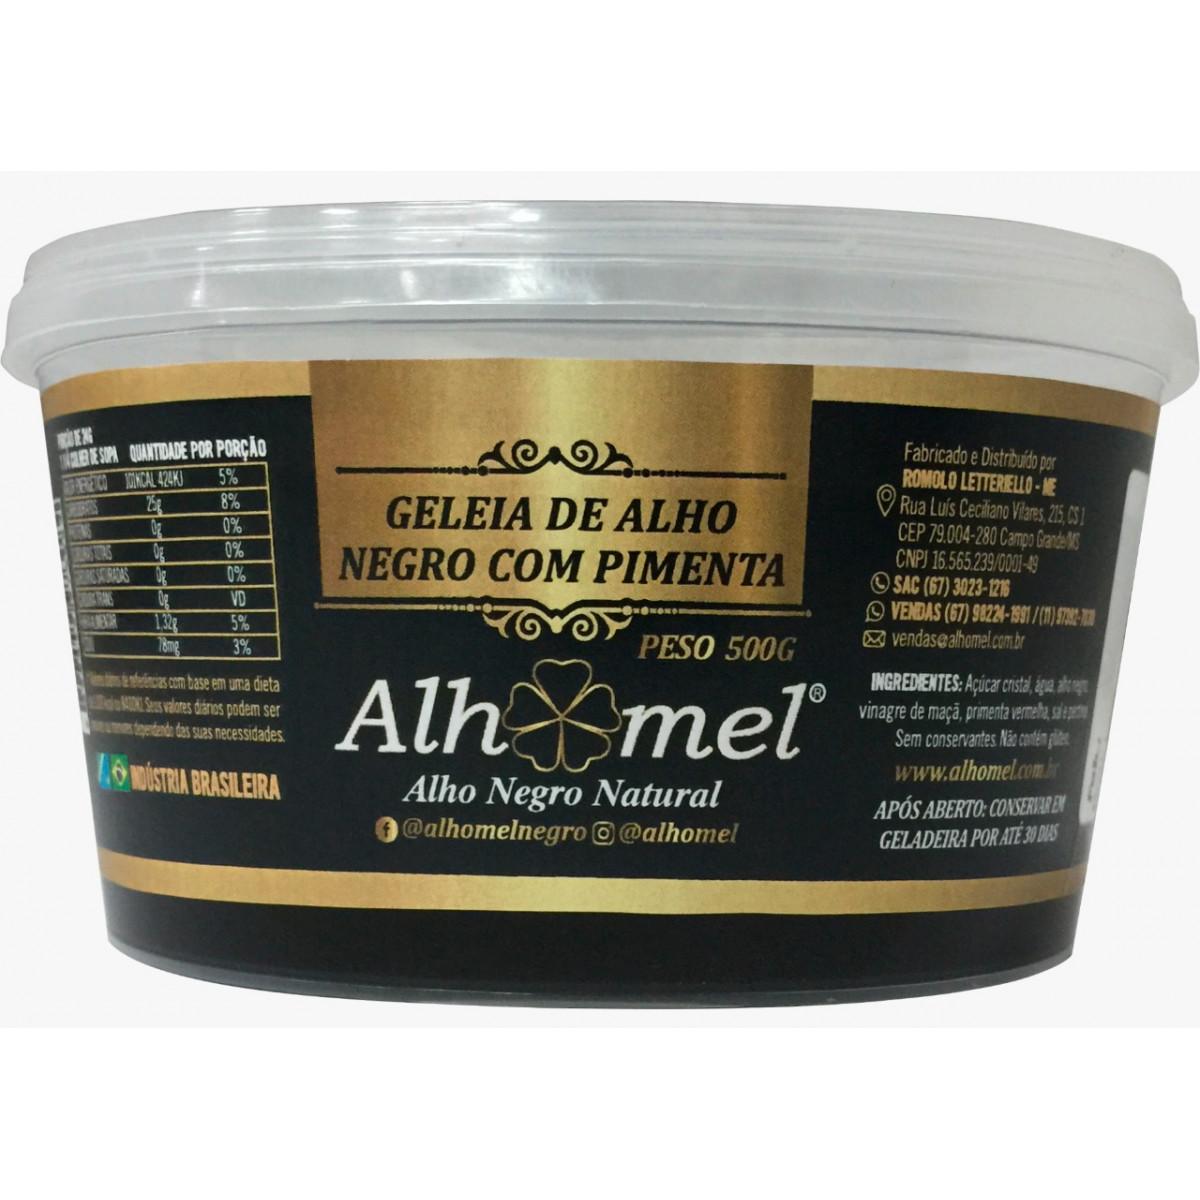 Geleia de Alho Negro com Pimenta 500 Gr